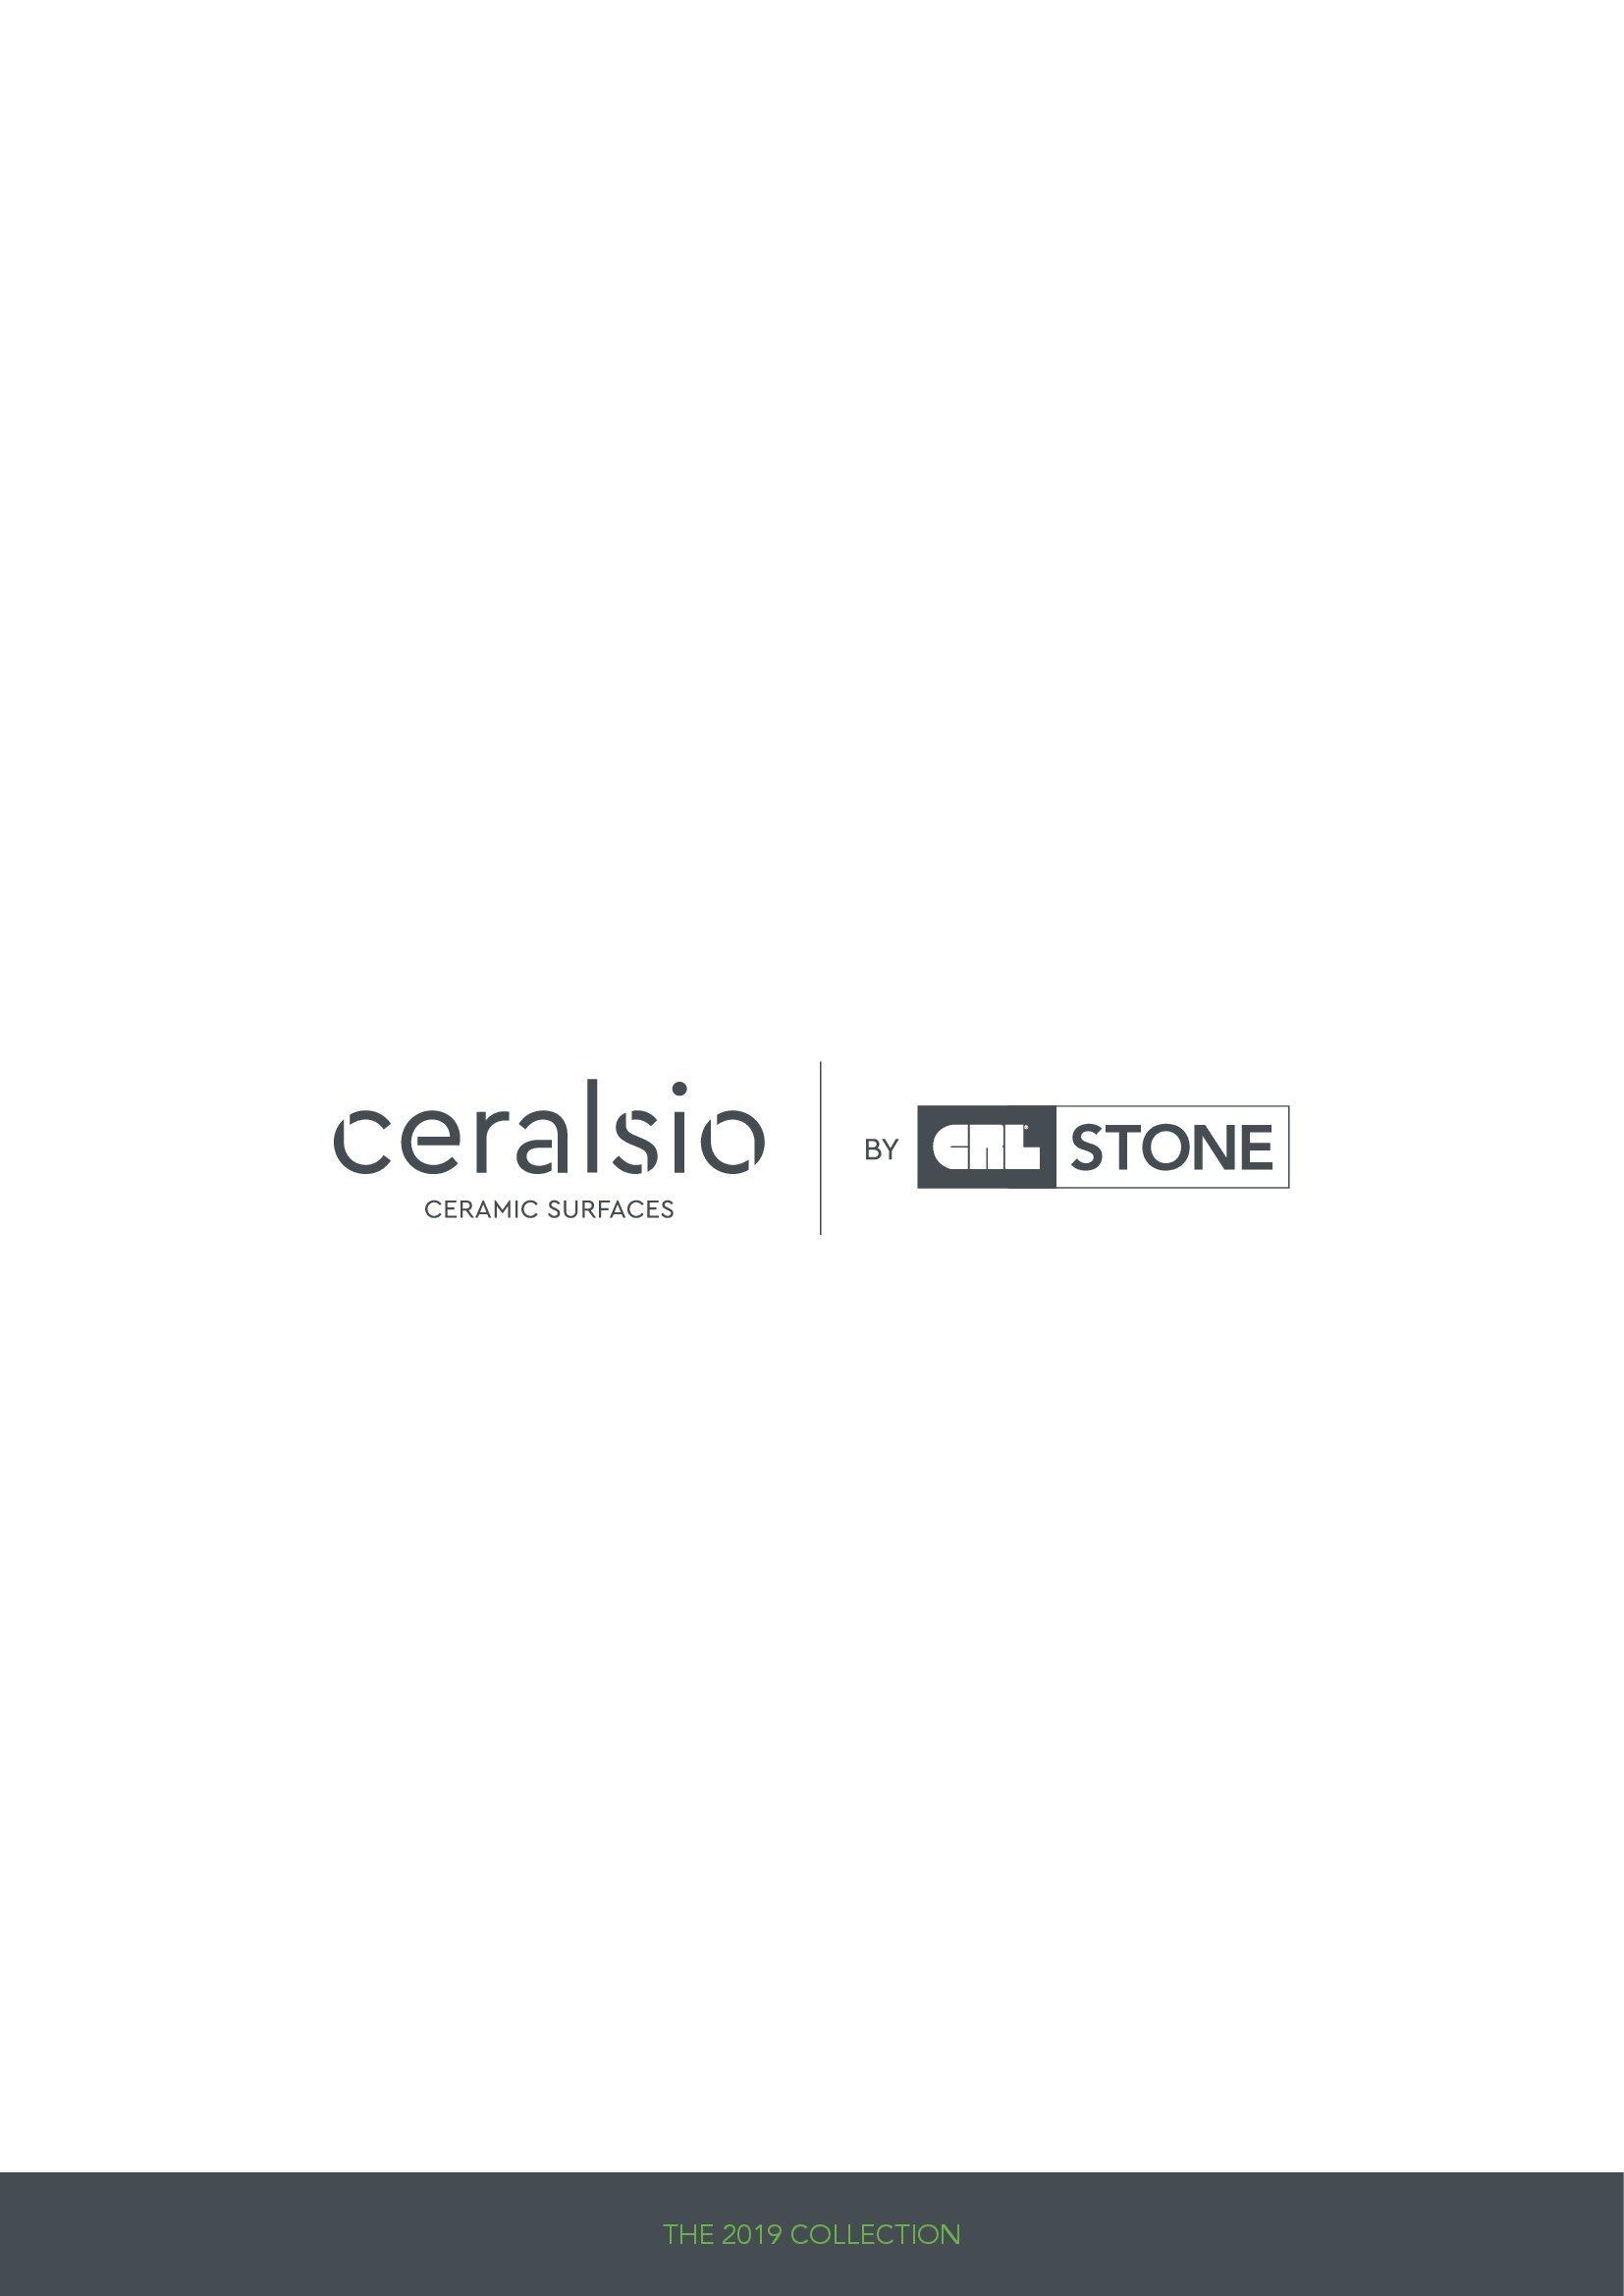 Ceralsio Ceramic Surfaces Brochure